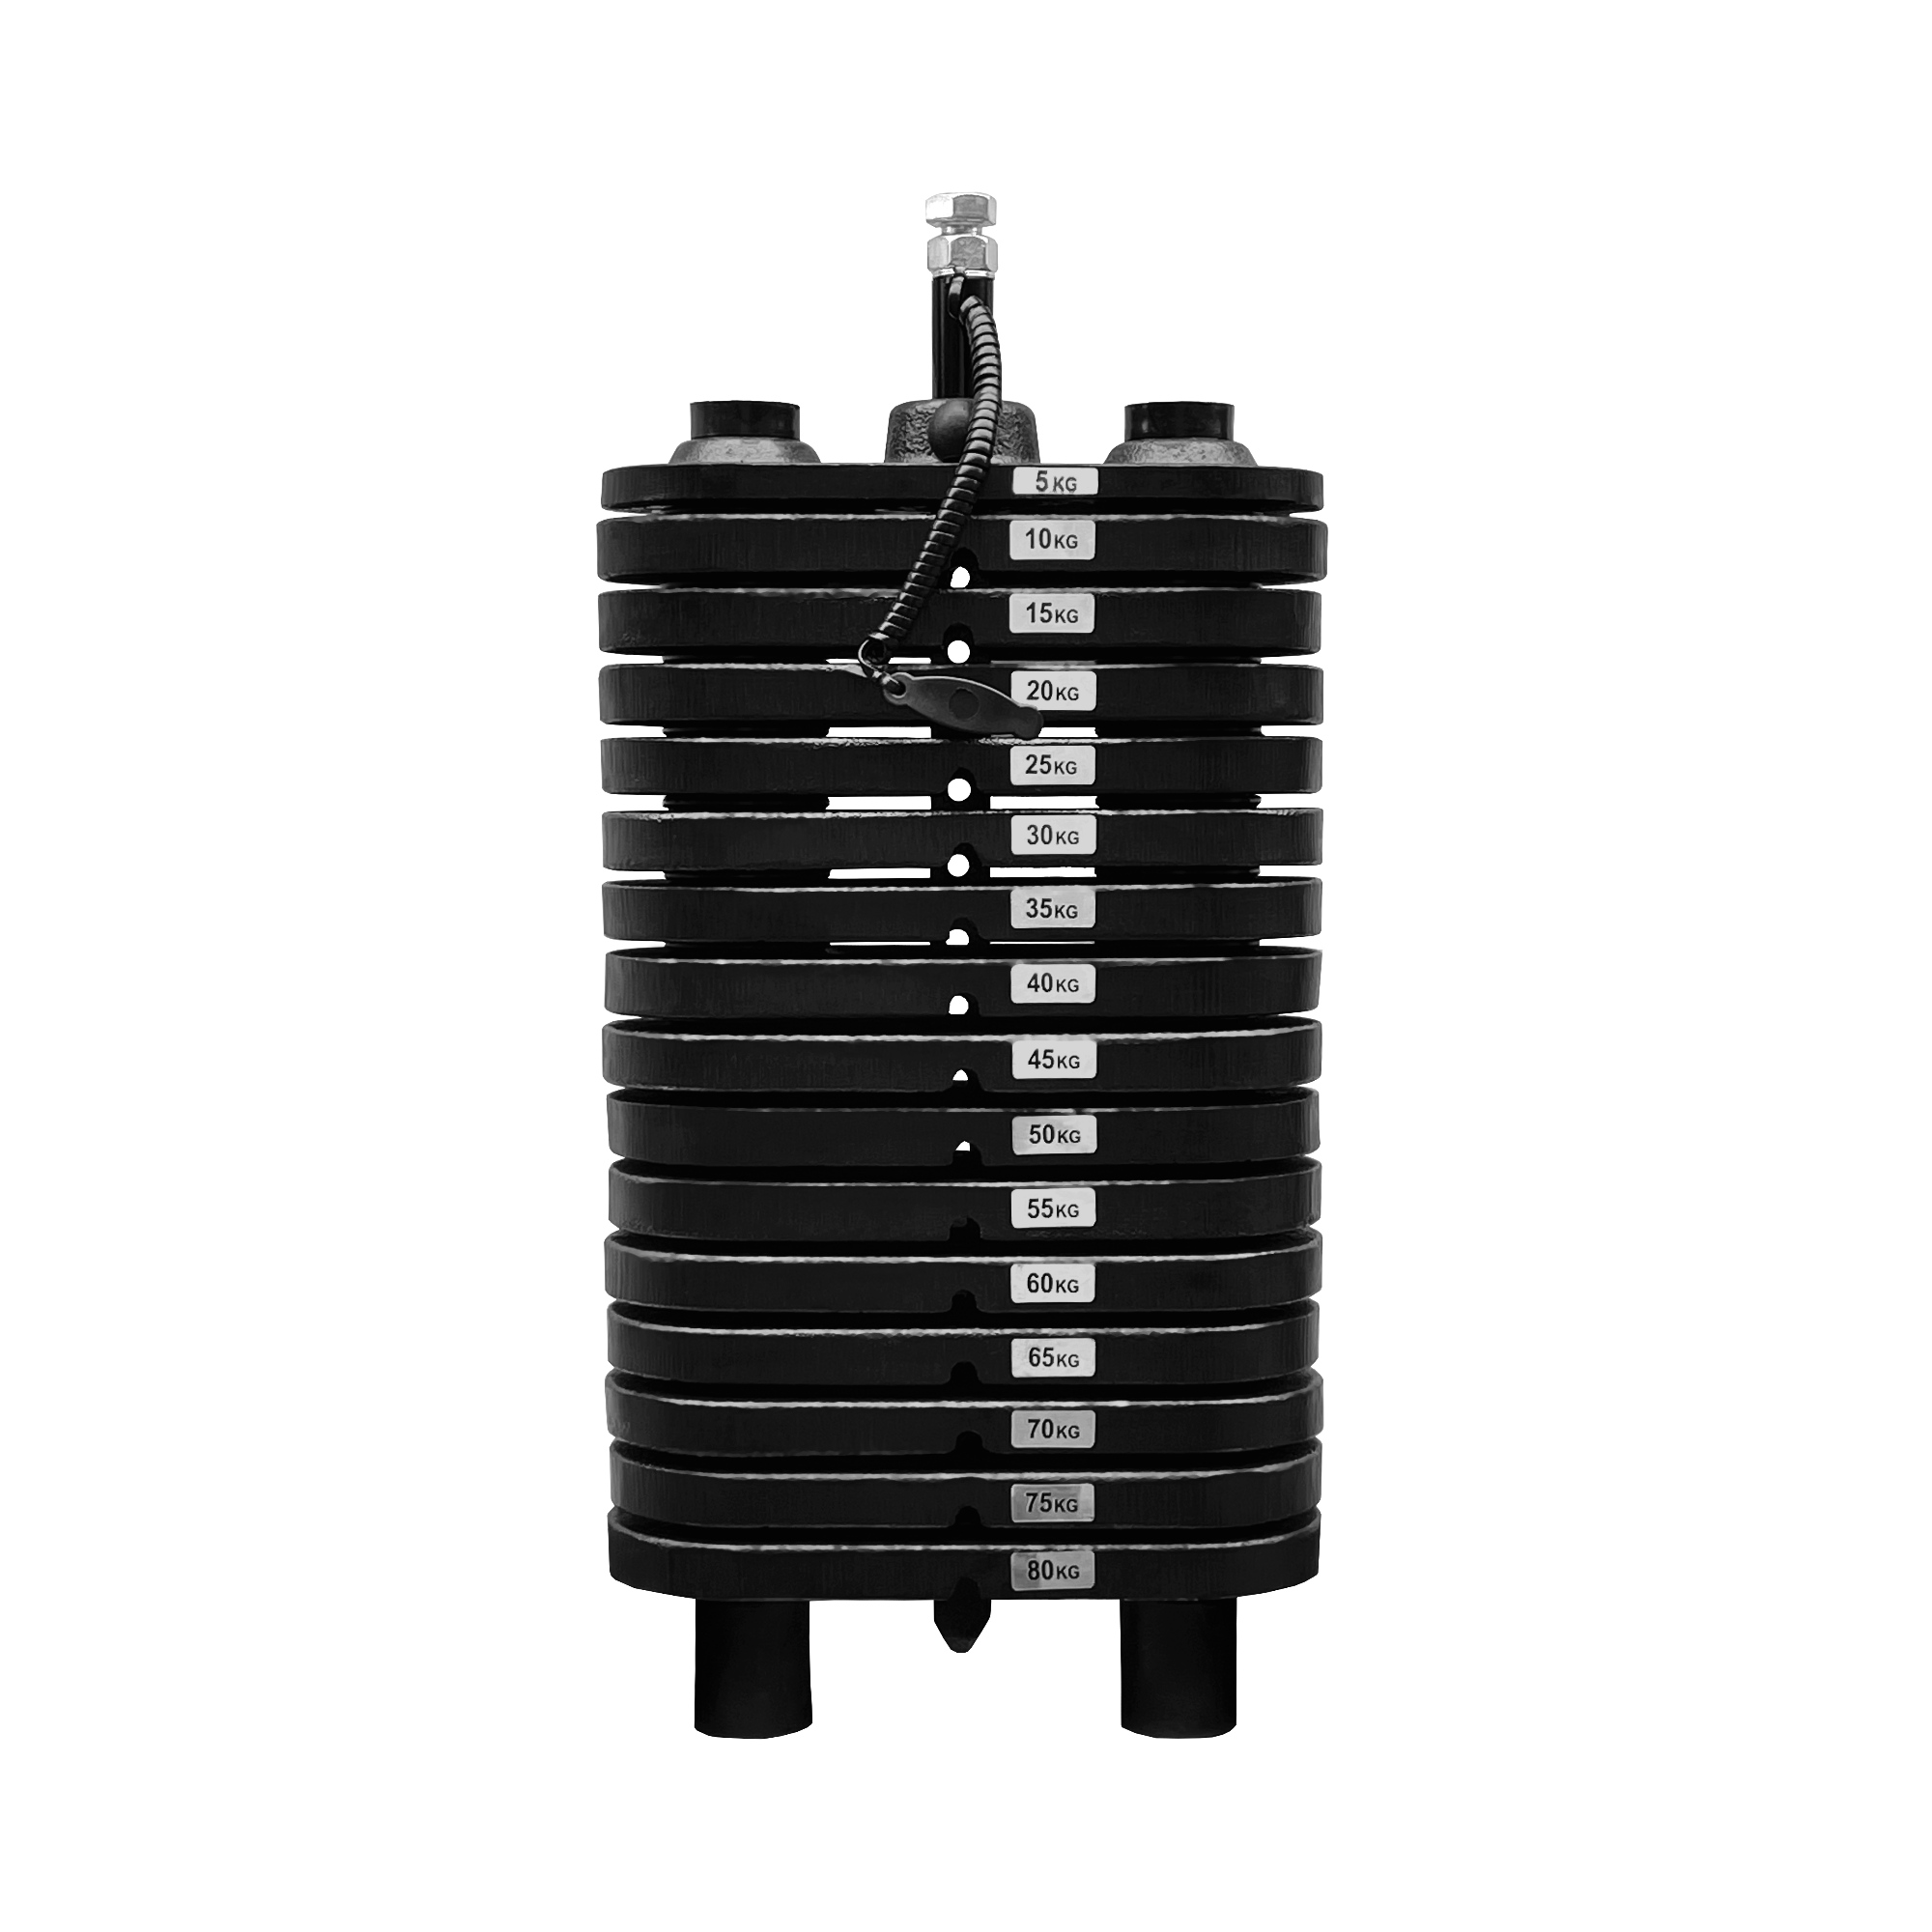 Bateria de Peso Pintada de 80 kg - Torre de Peso